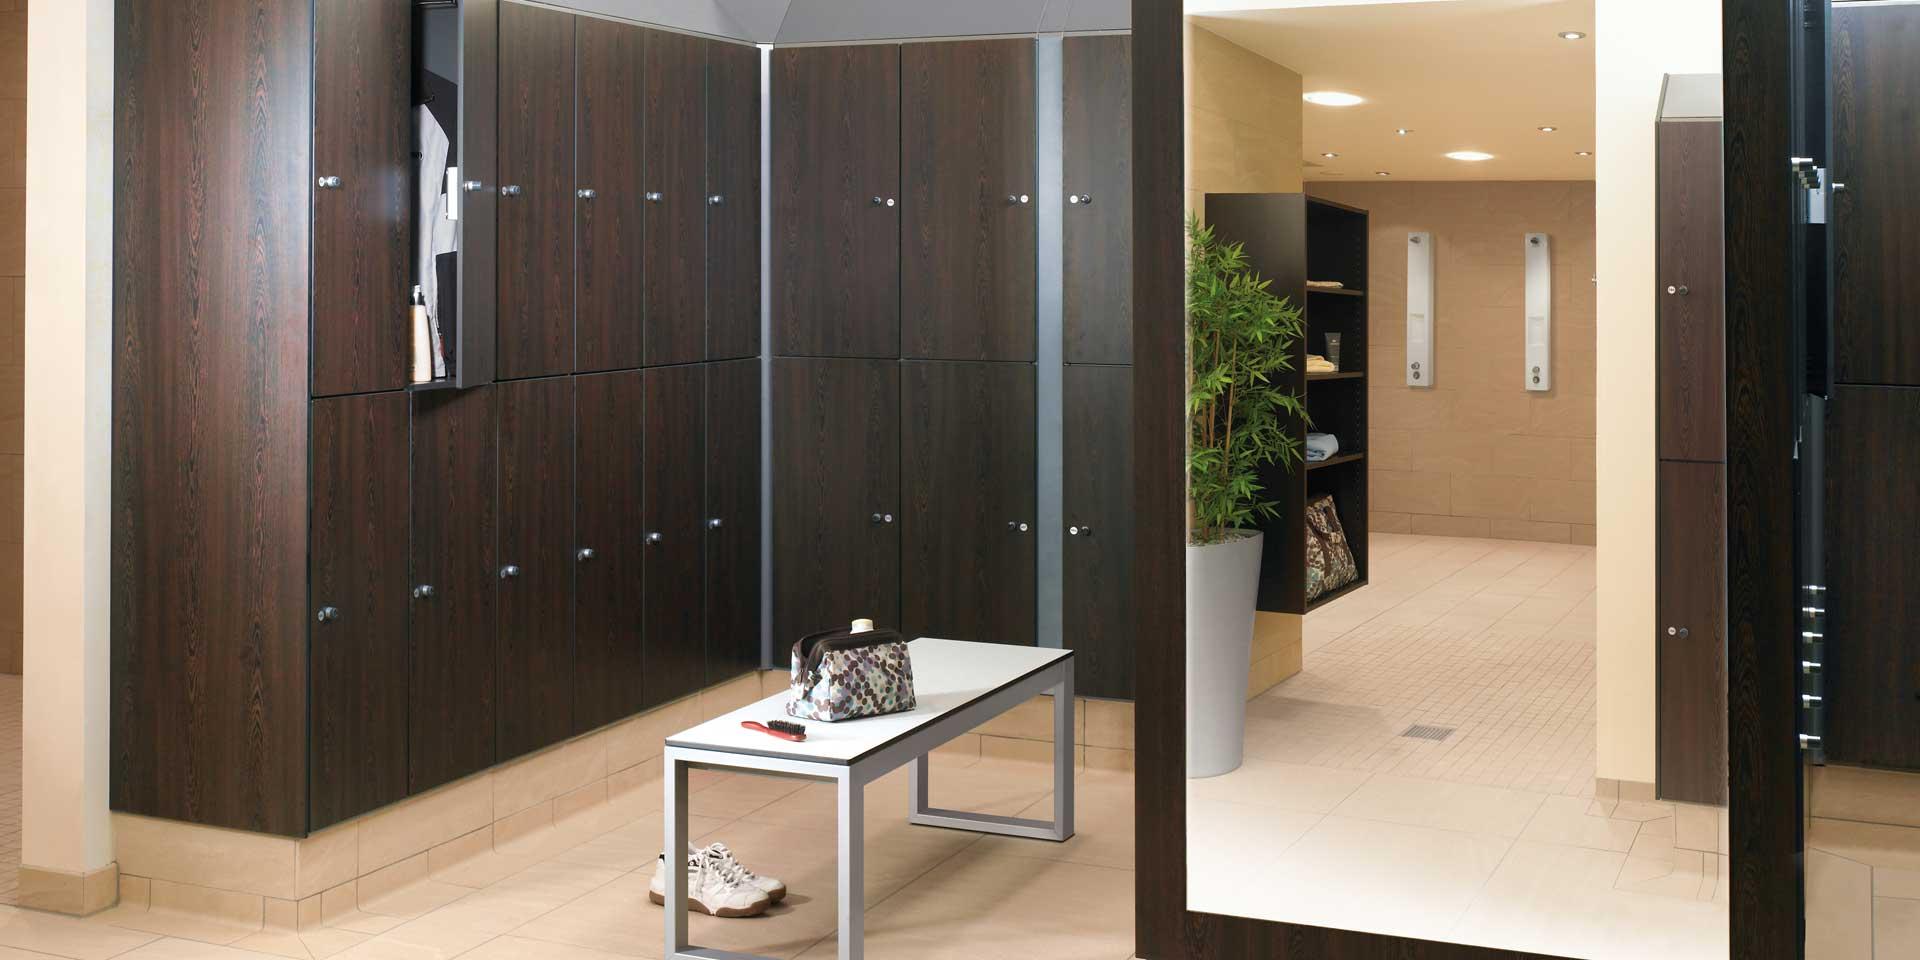 Scheeres kantoormeubelen Den Haag prefino garderobekast Heering Office